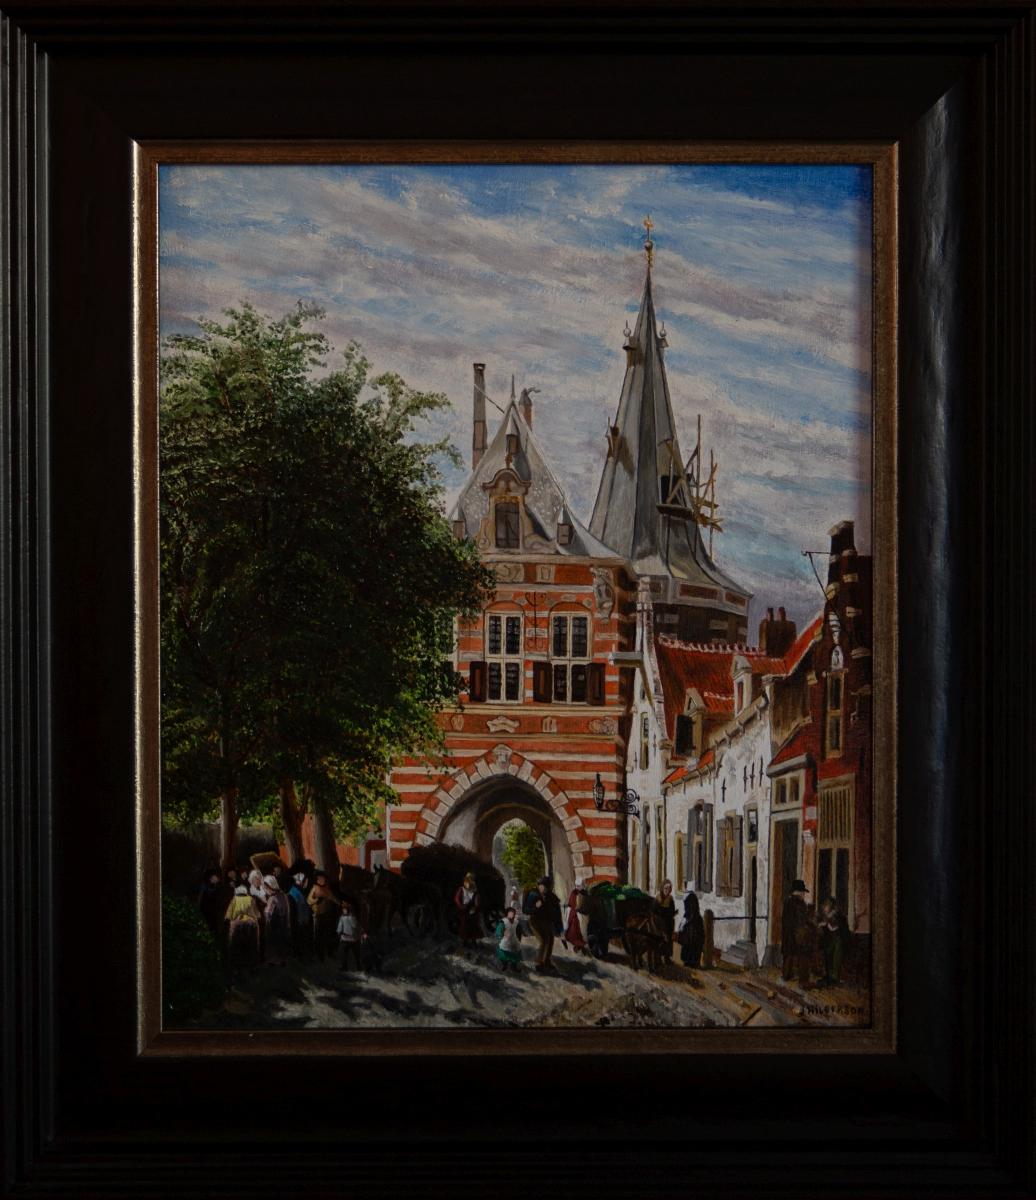 Cellebroerders poort in Kampen 1860 van Cornelis Springer (2016)